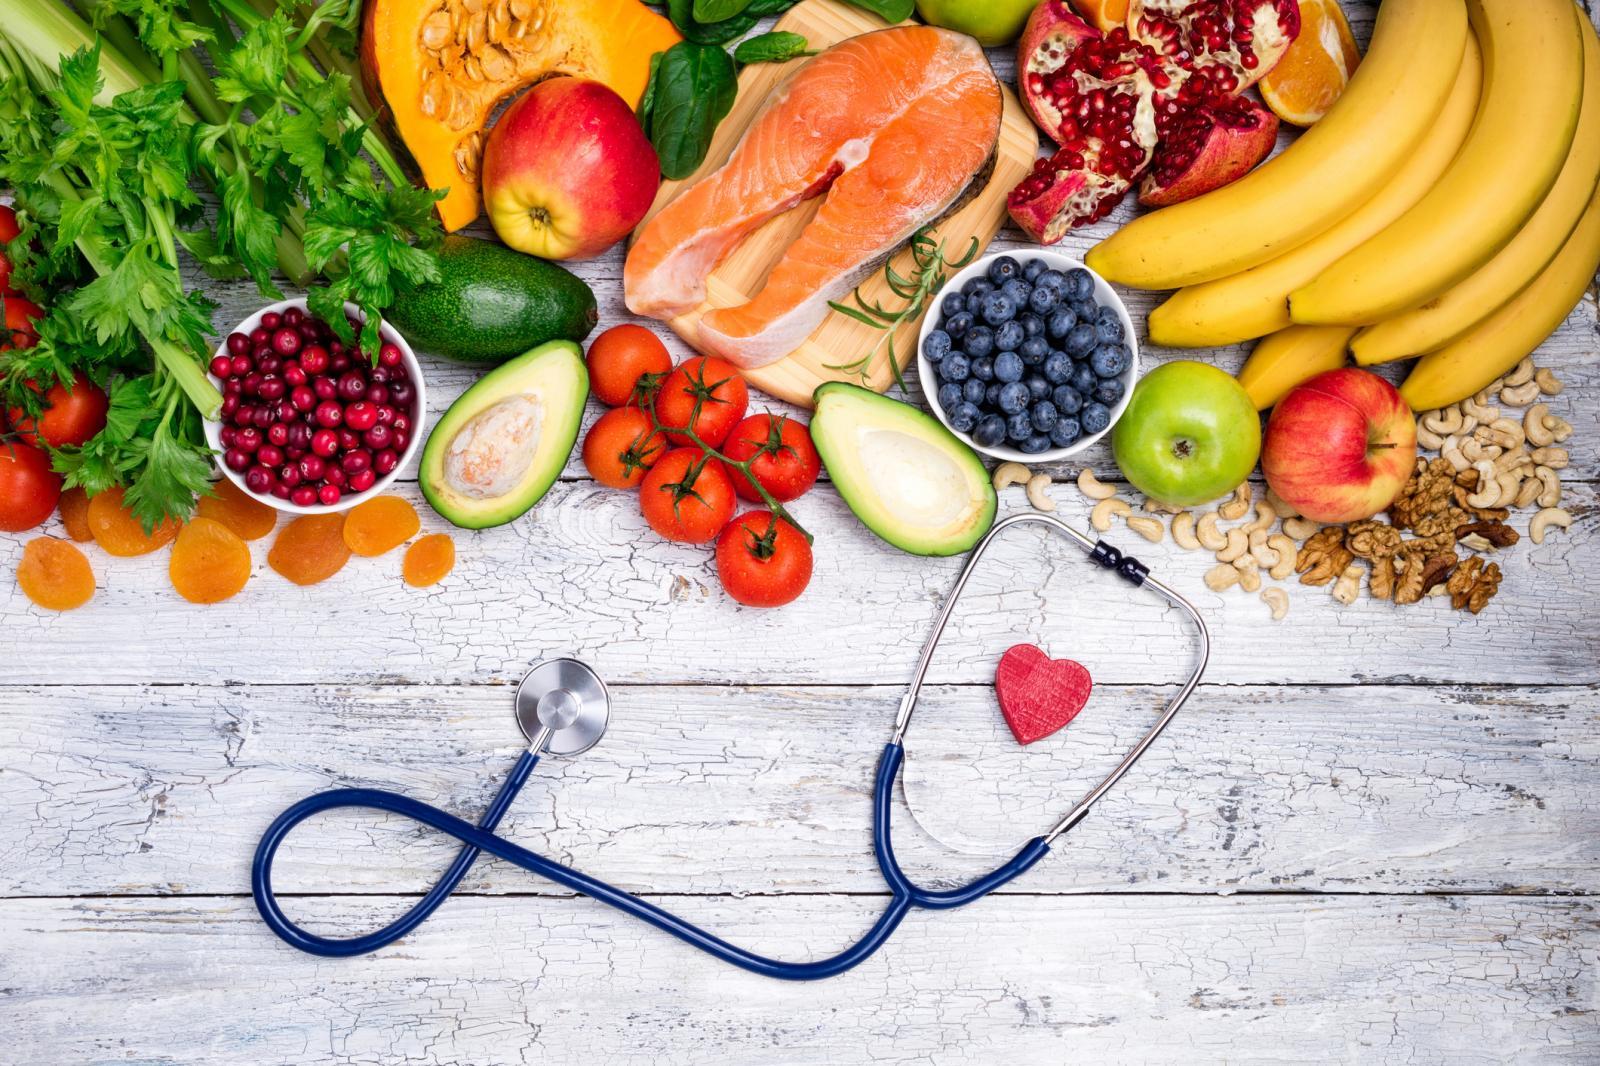 Processo Seletivo nº 011/2019 - Cargo: Nutricionista (Contratação Temporária por 90 dias)